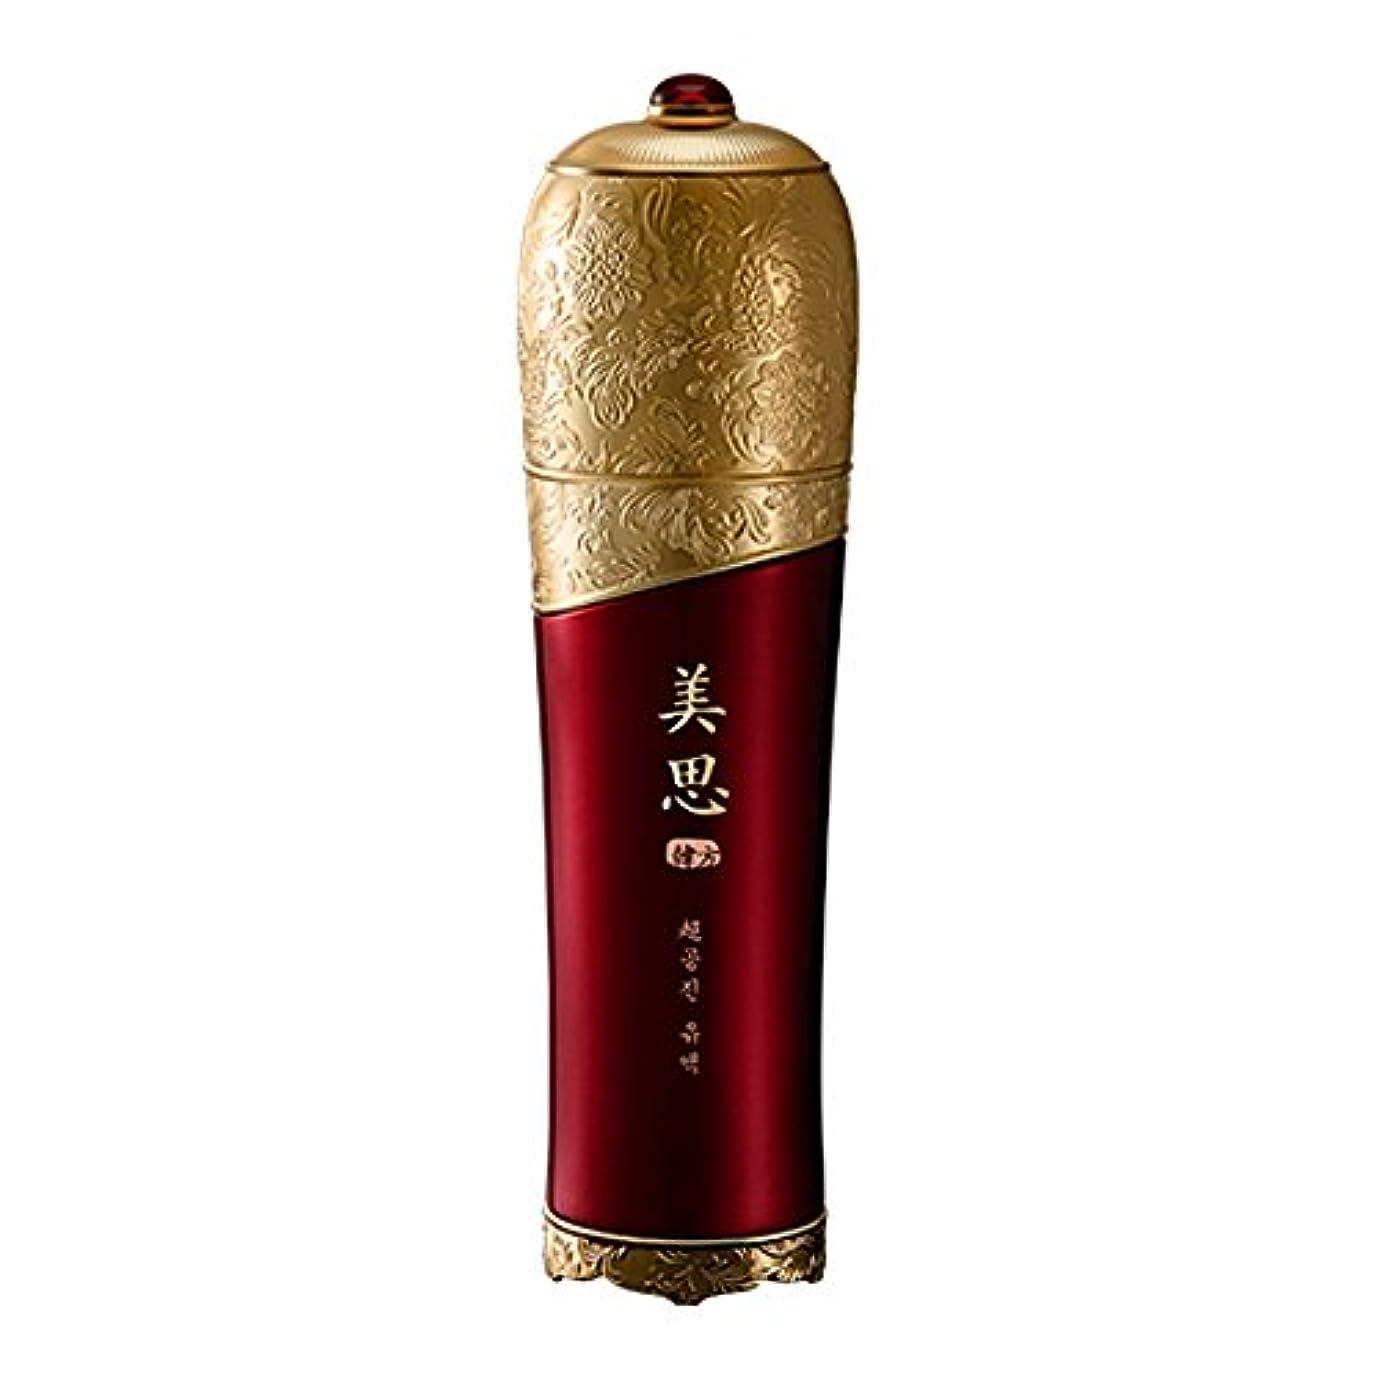 調べる例示する要求するMISSHA(ミシャ)美思 韓方 旧チョボヤン (超)チョゴンジン 乳液 基礎化粧品 スキンケア